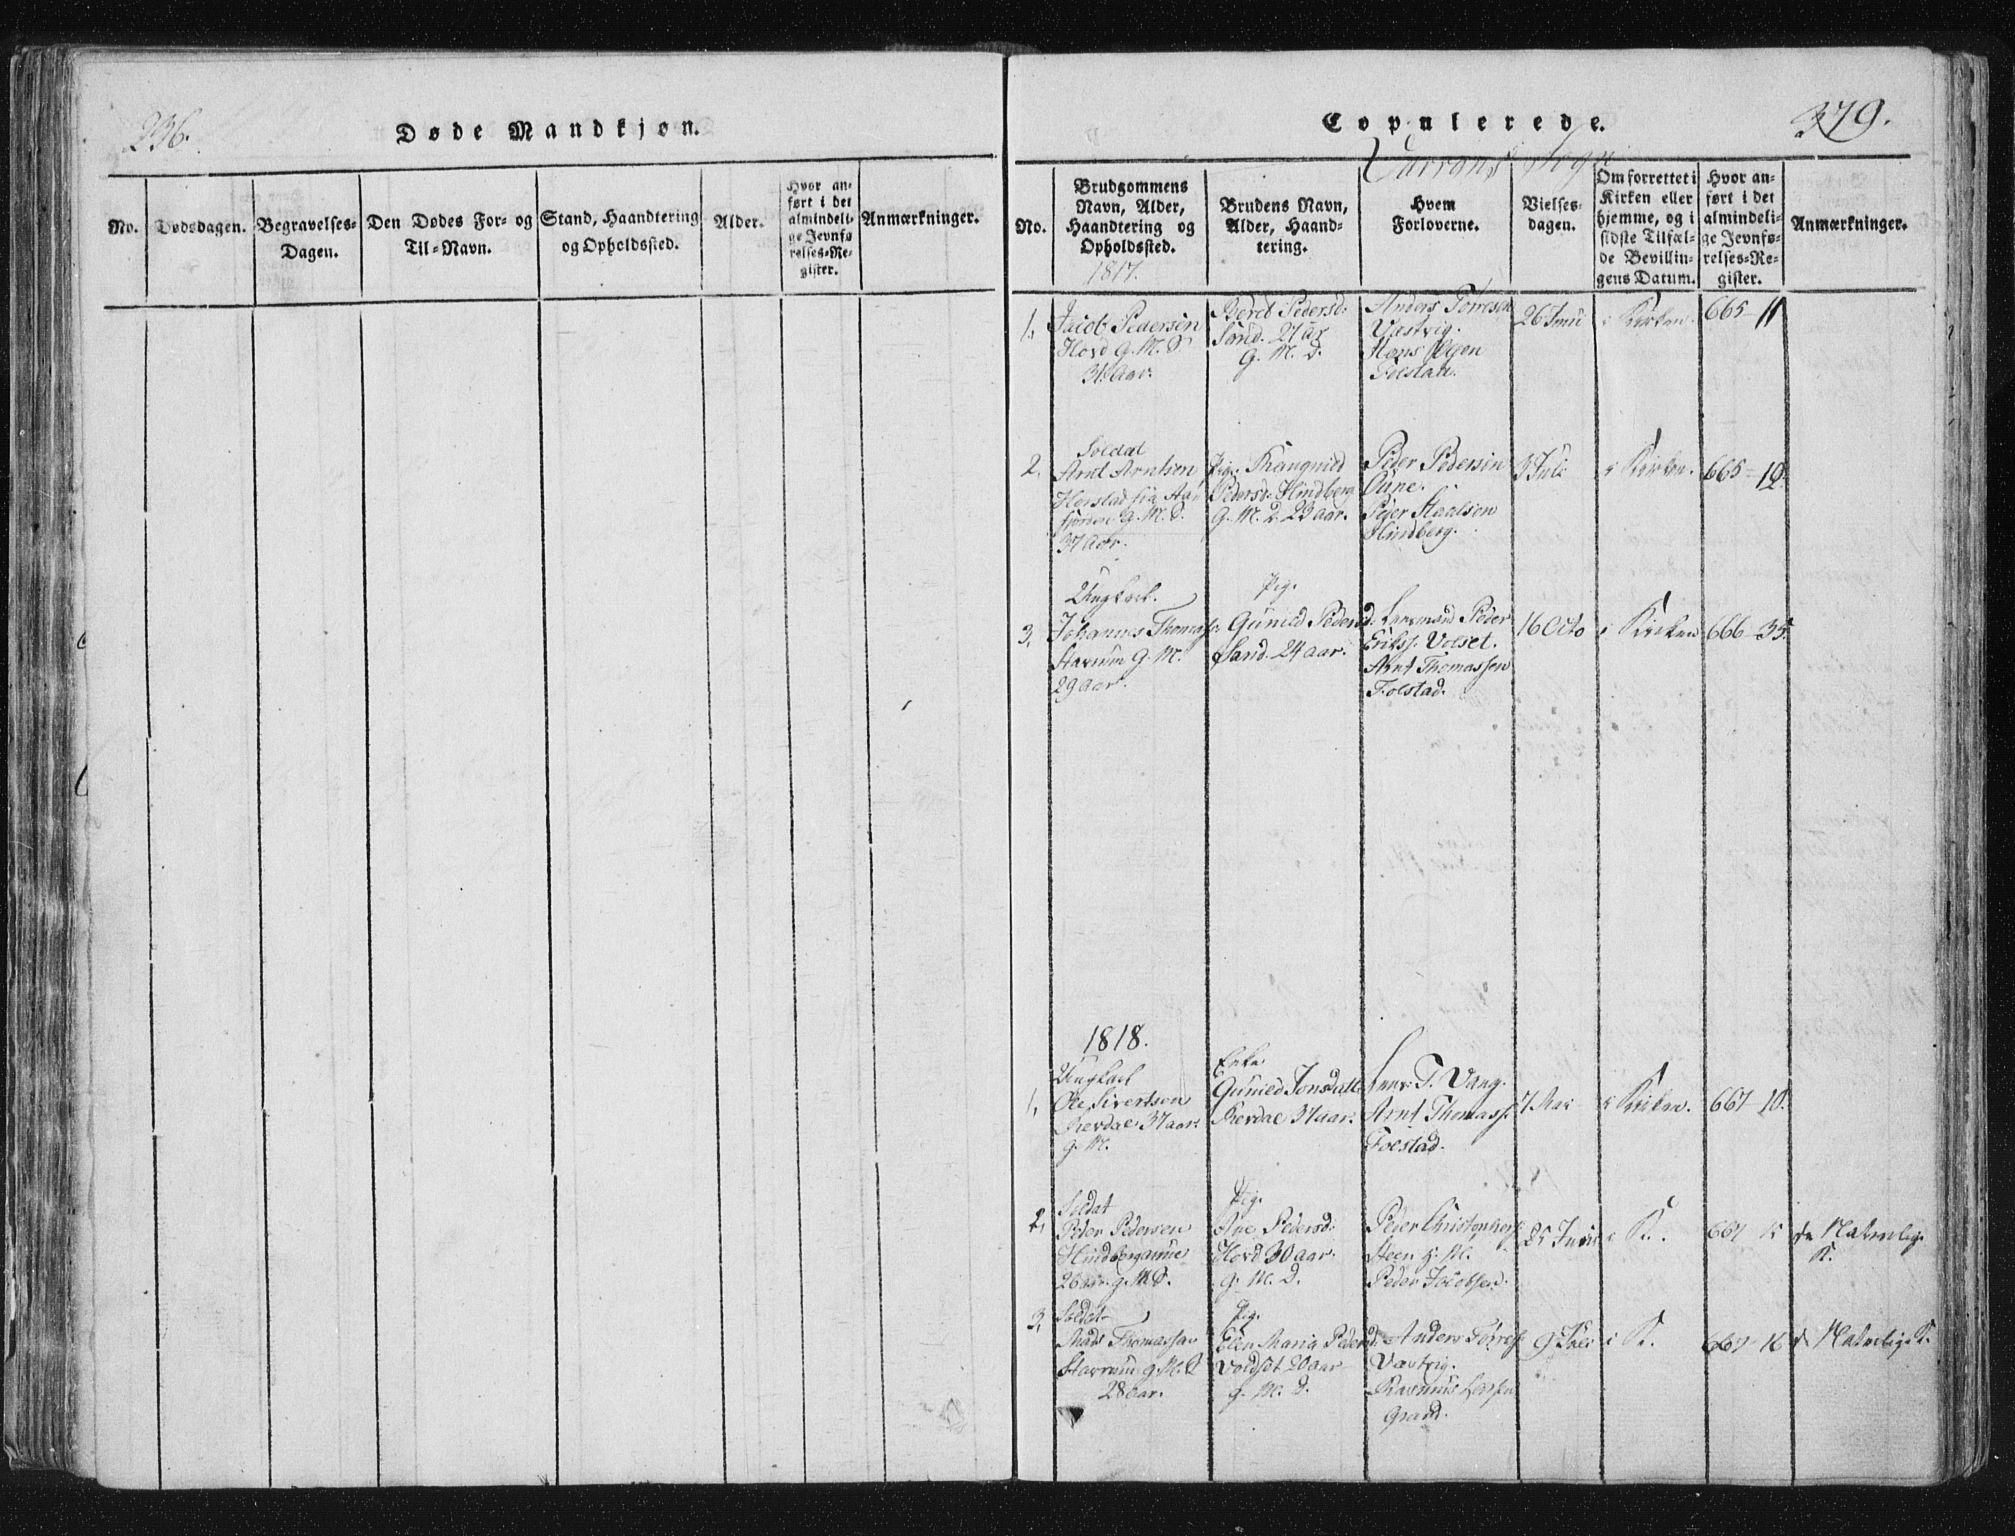 SAT, Ministerialprotokoller, klokkerbøker og fødselsregistre - Nord-Trøndelag, 744/L0417: Ministerialbok nr. 744A01, 1817-1842, s. 378-379